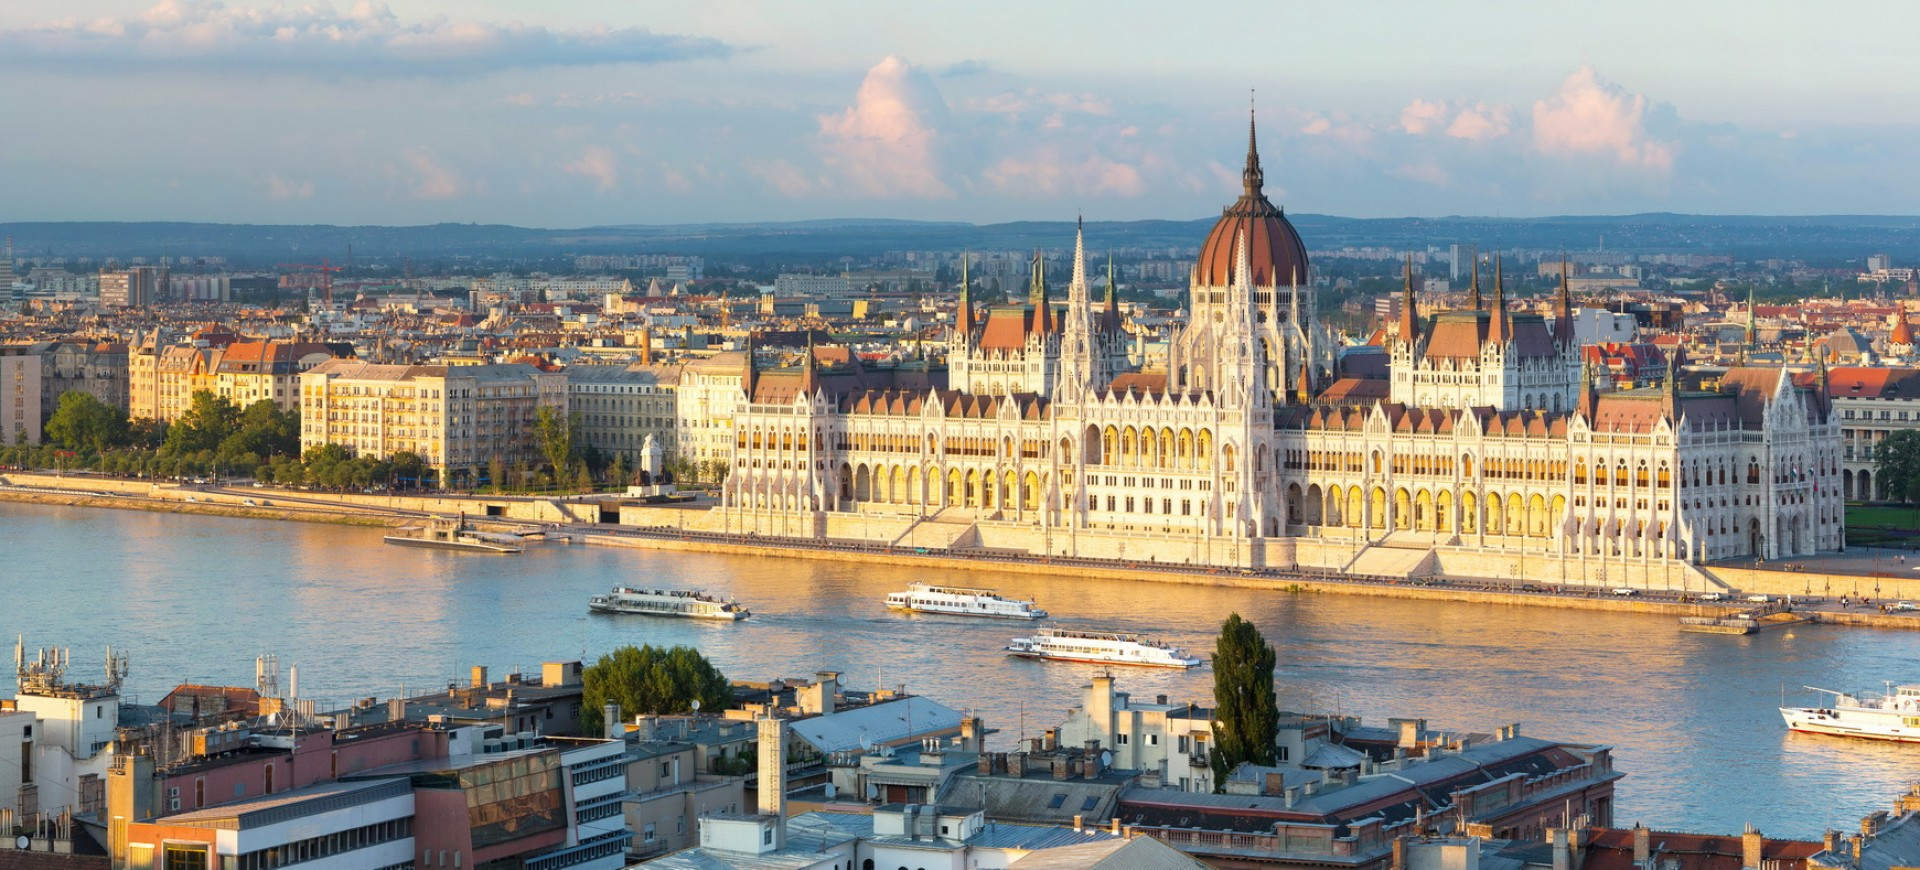 Nos voyages en Hongrie et séjours à Budapest